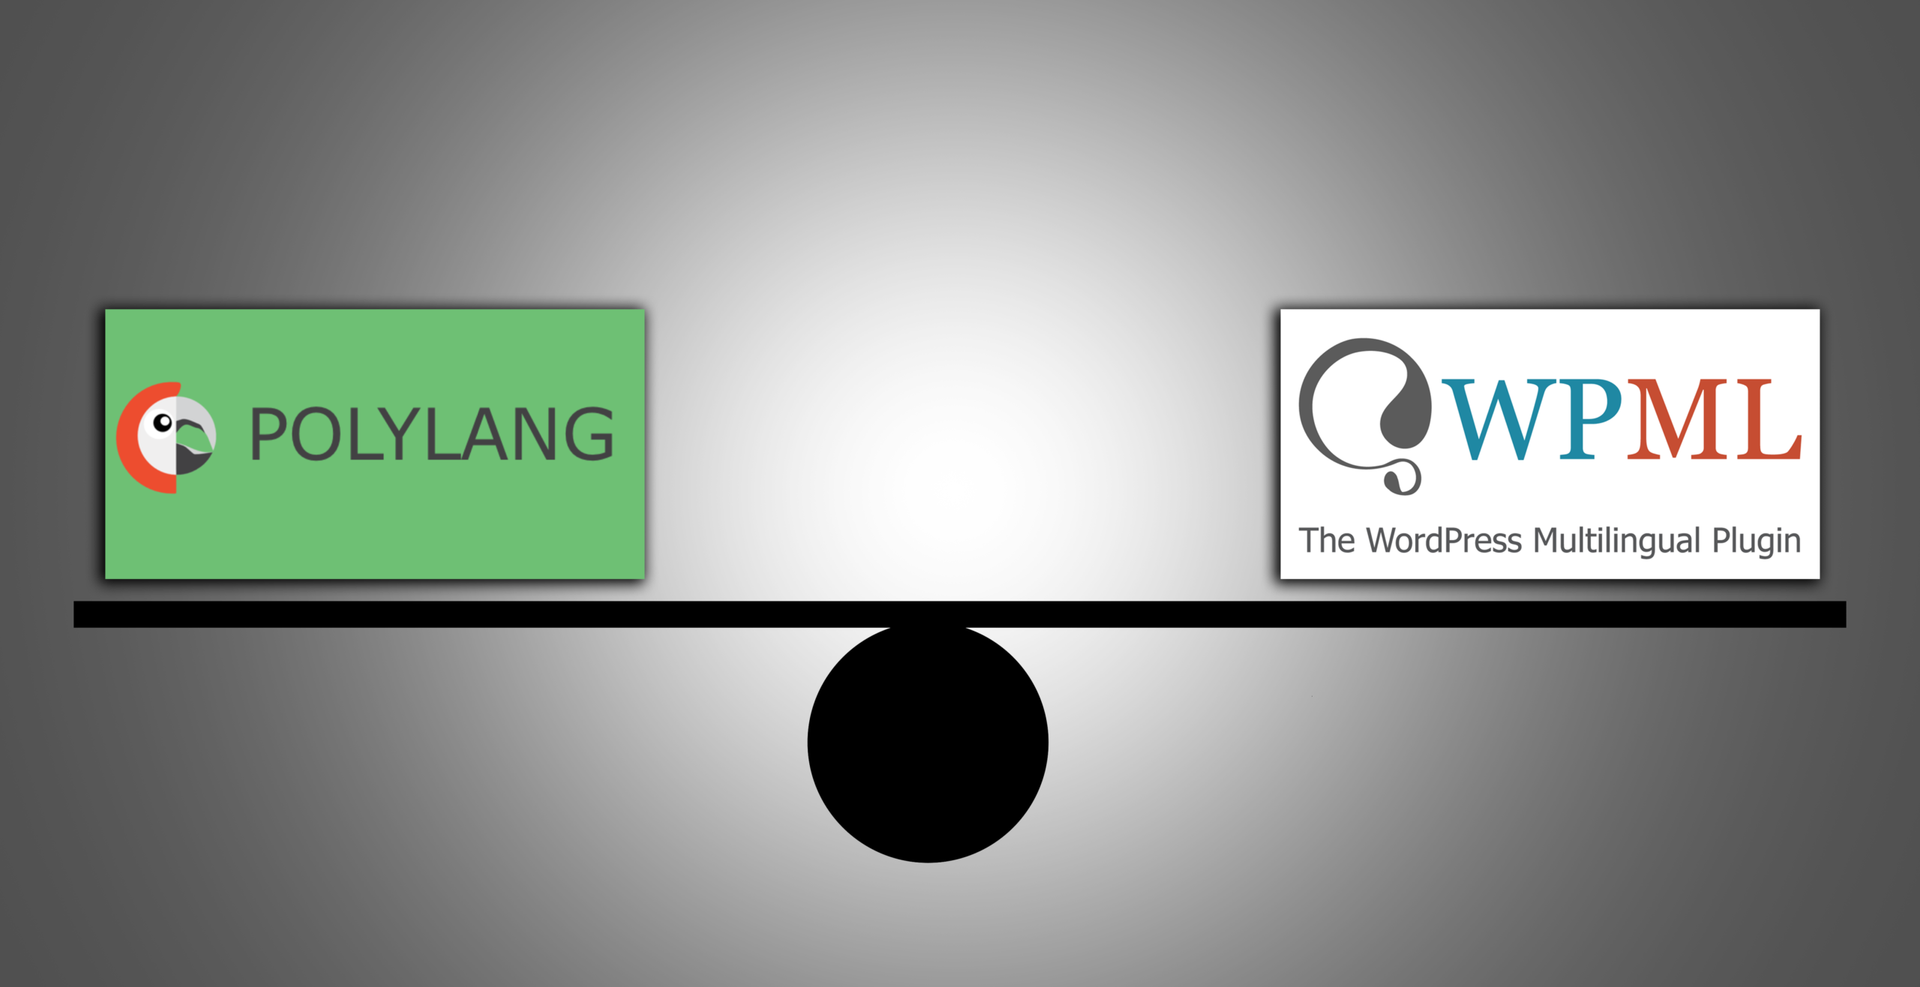 هل إضافة WPML أفضل من إضافة Polylang ؟